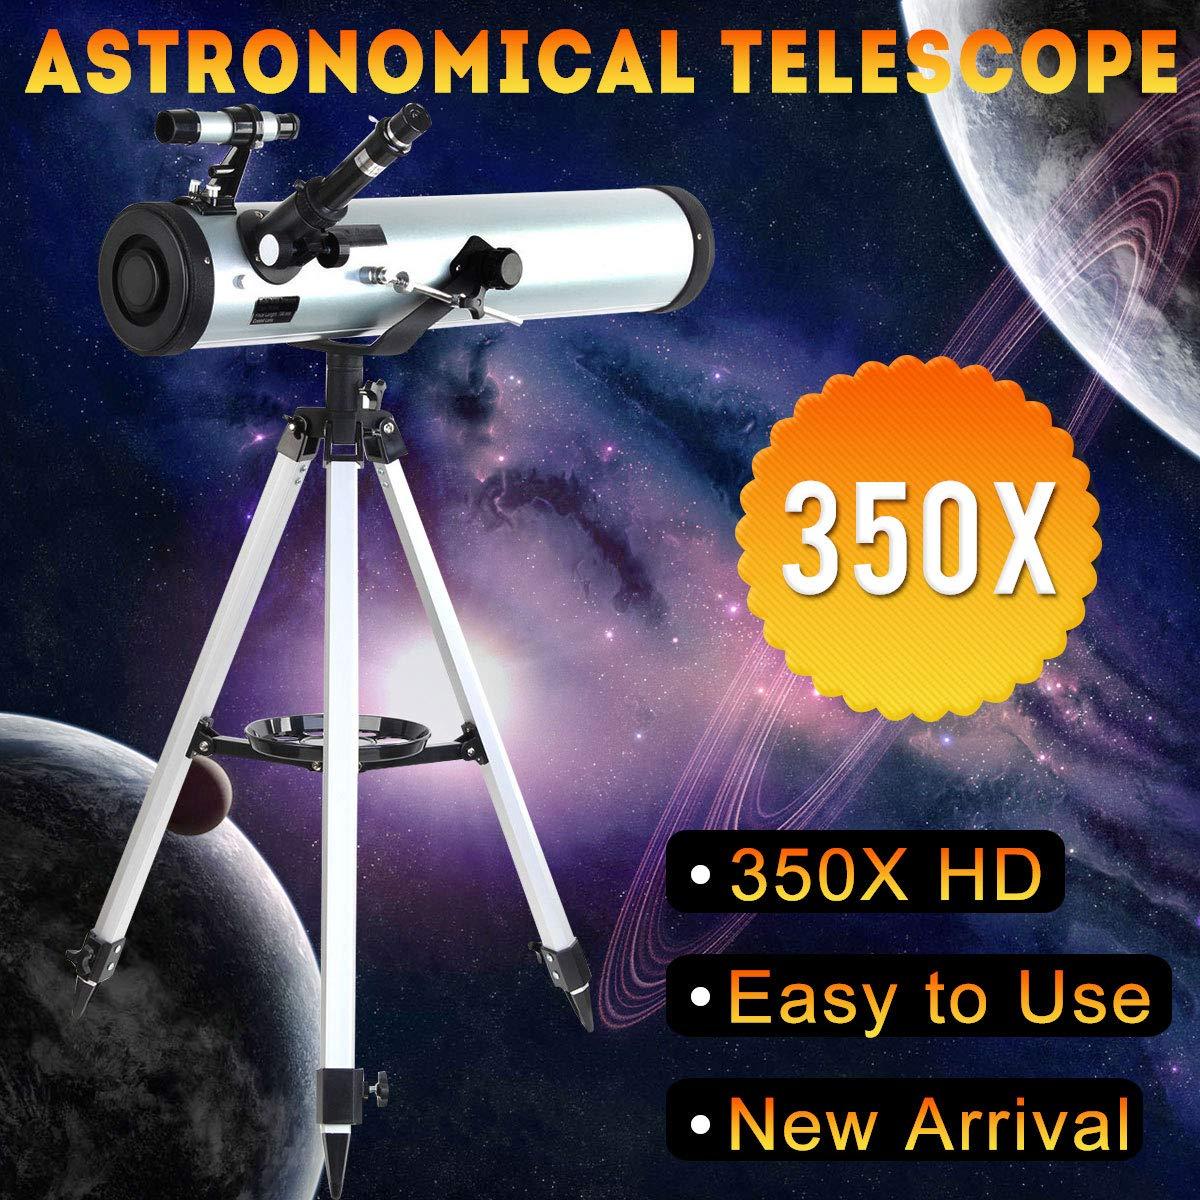 76mm 絞り式天文望遠鏡 (76700 AL) 700mm 焦点距離リフレクター 旅行スコープ 三脚付き 初心者 学生 子供用   B07NS3JVQL